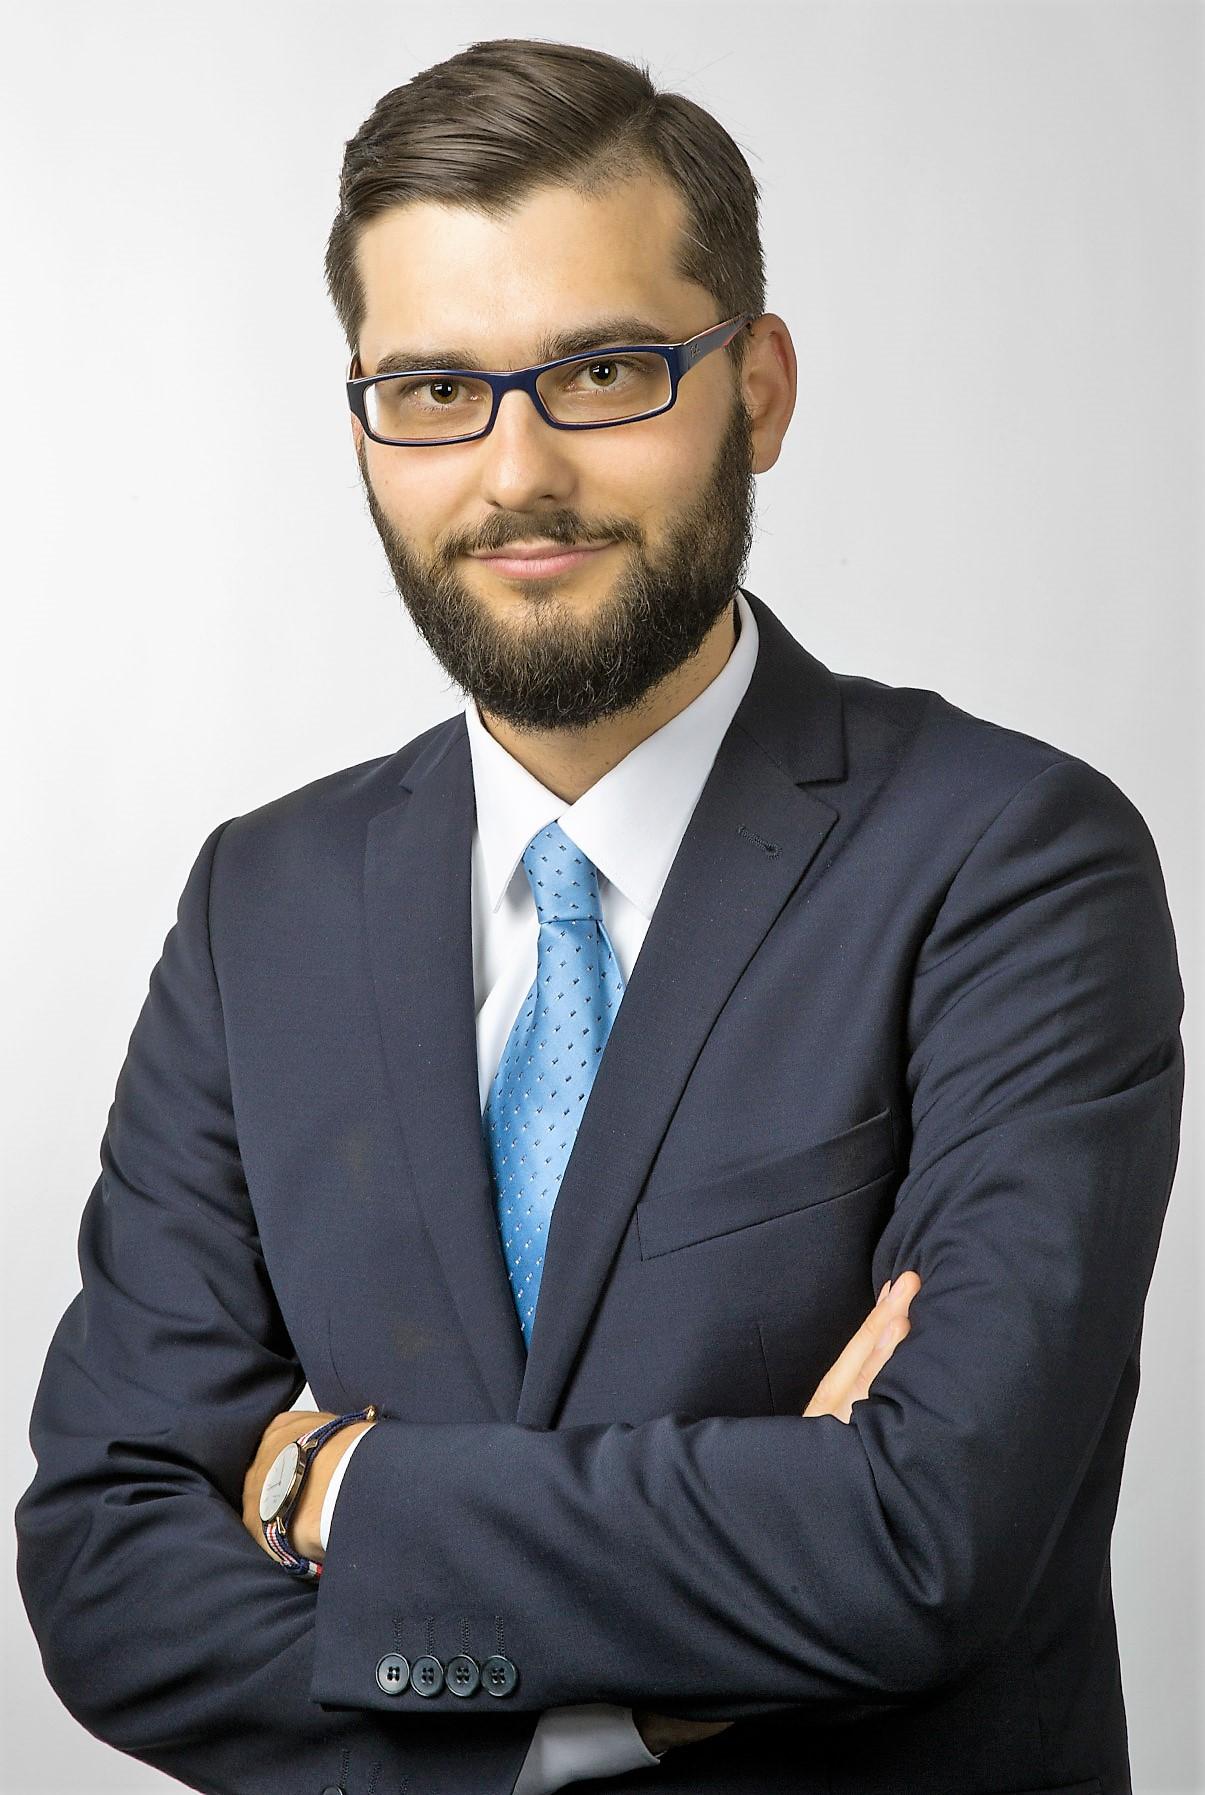 Komentarz eksperta ODO 24 w związku z nowelizacją ustawy prawa o ruchu drogowym